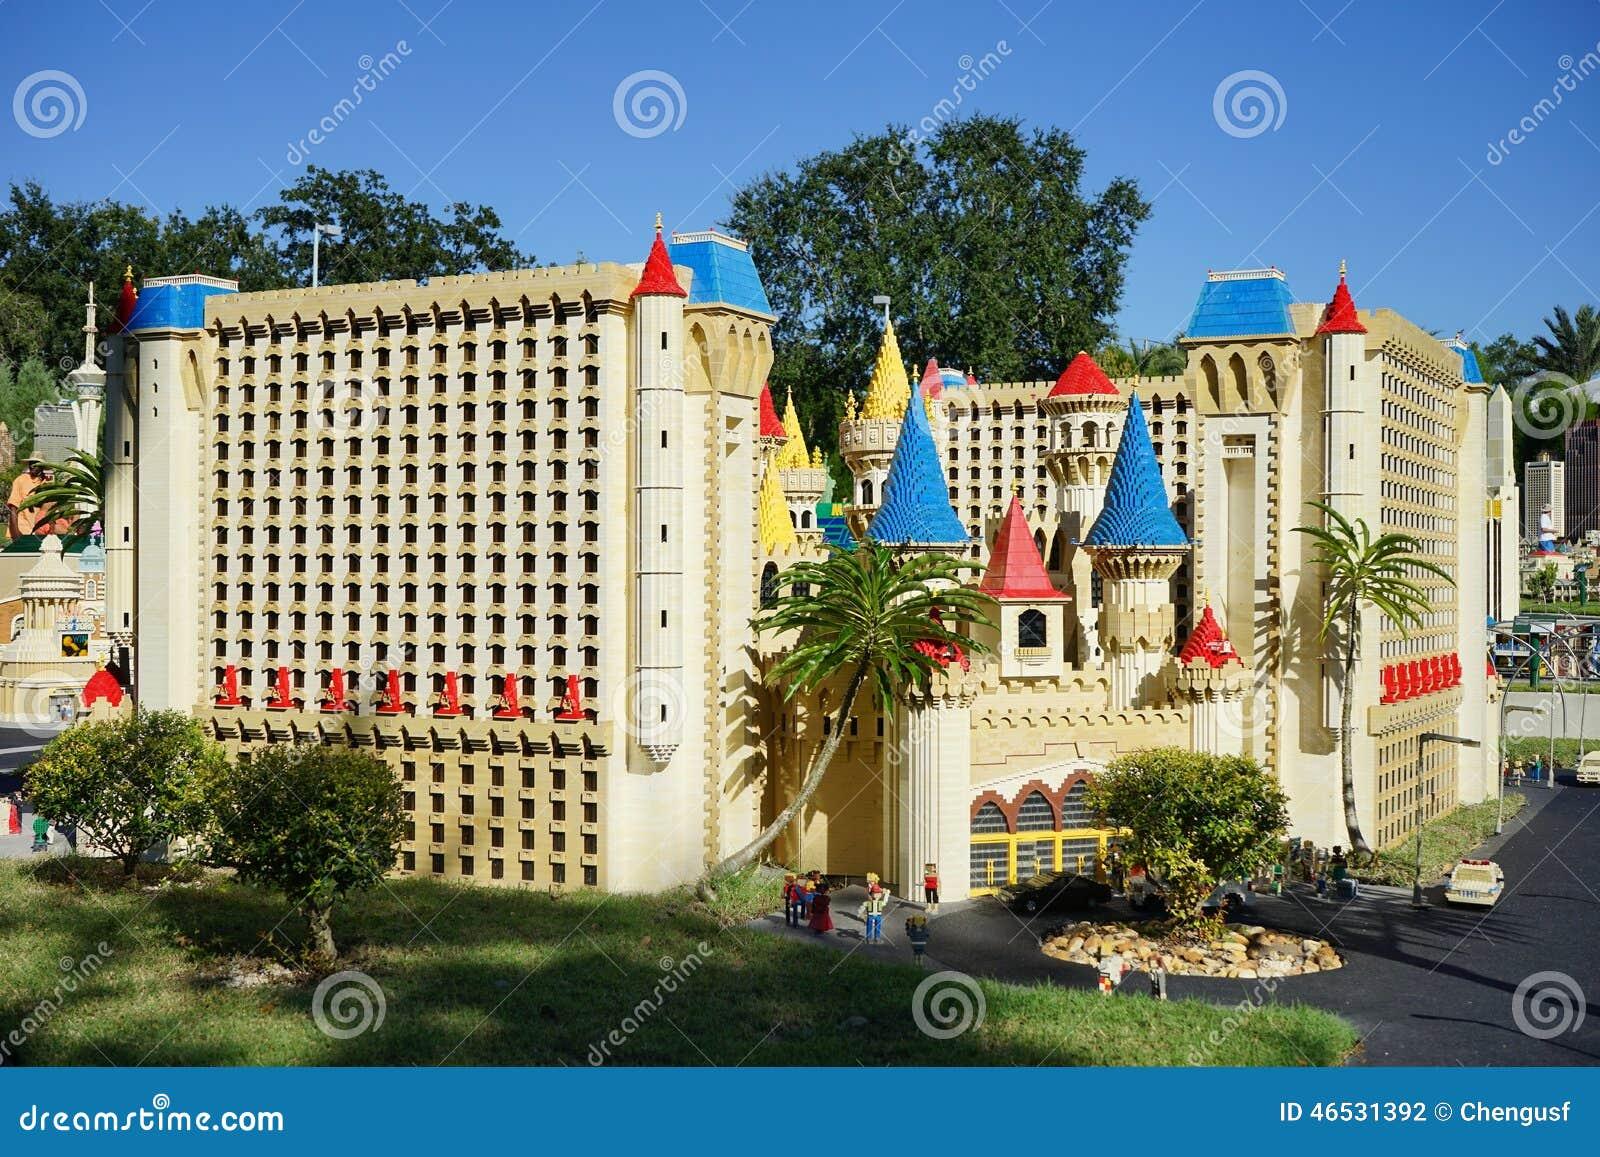 El hotel de luxor en las vegas hizo con los bloques de - Hotel las gaunas en logrono ...